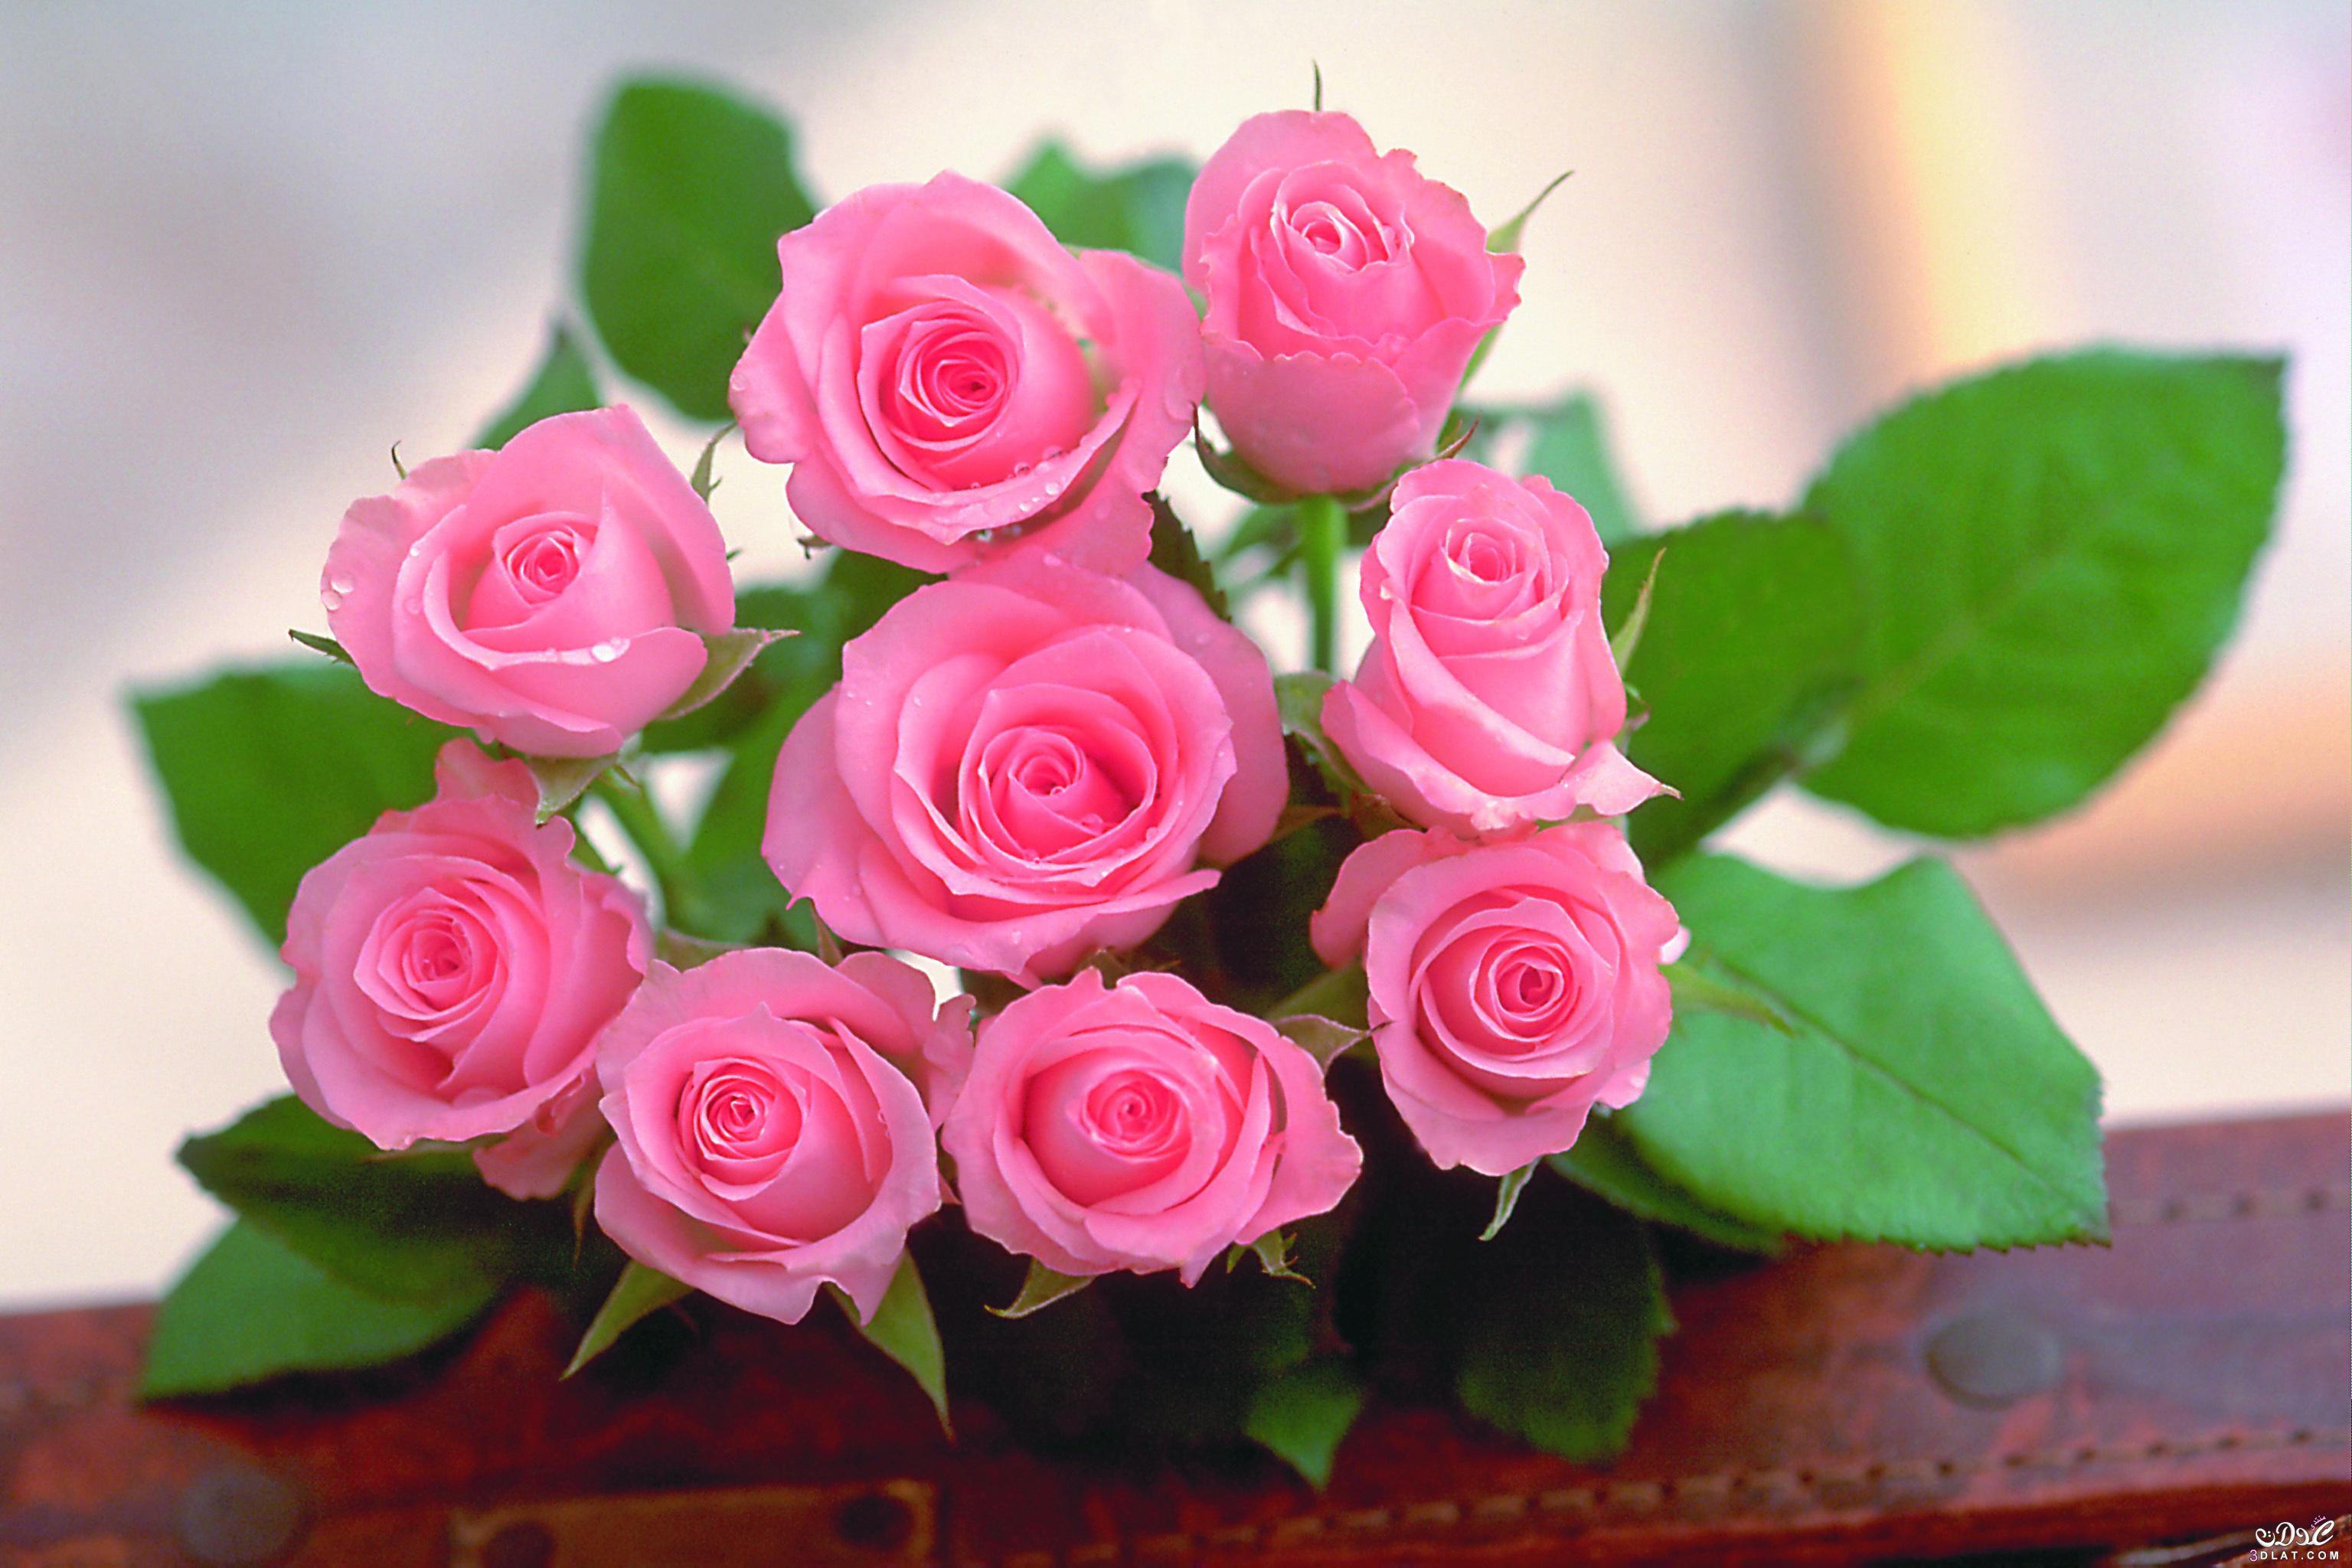 بالصور صور زهور , اجمل خلفيات الورد 3736 4